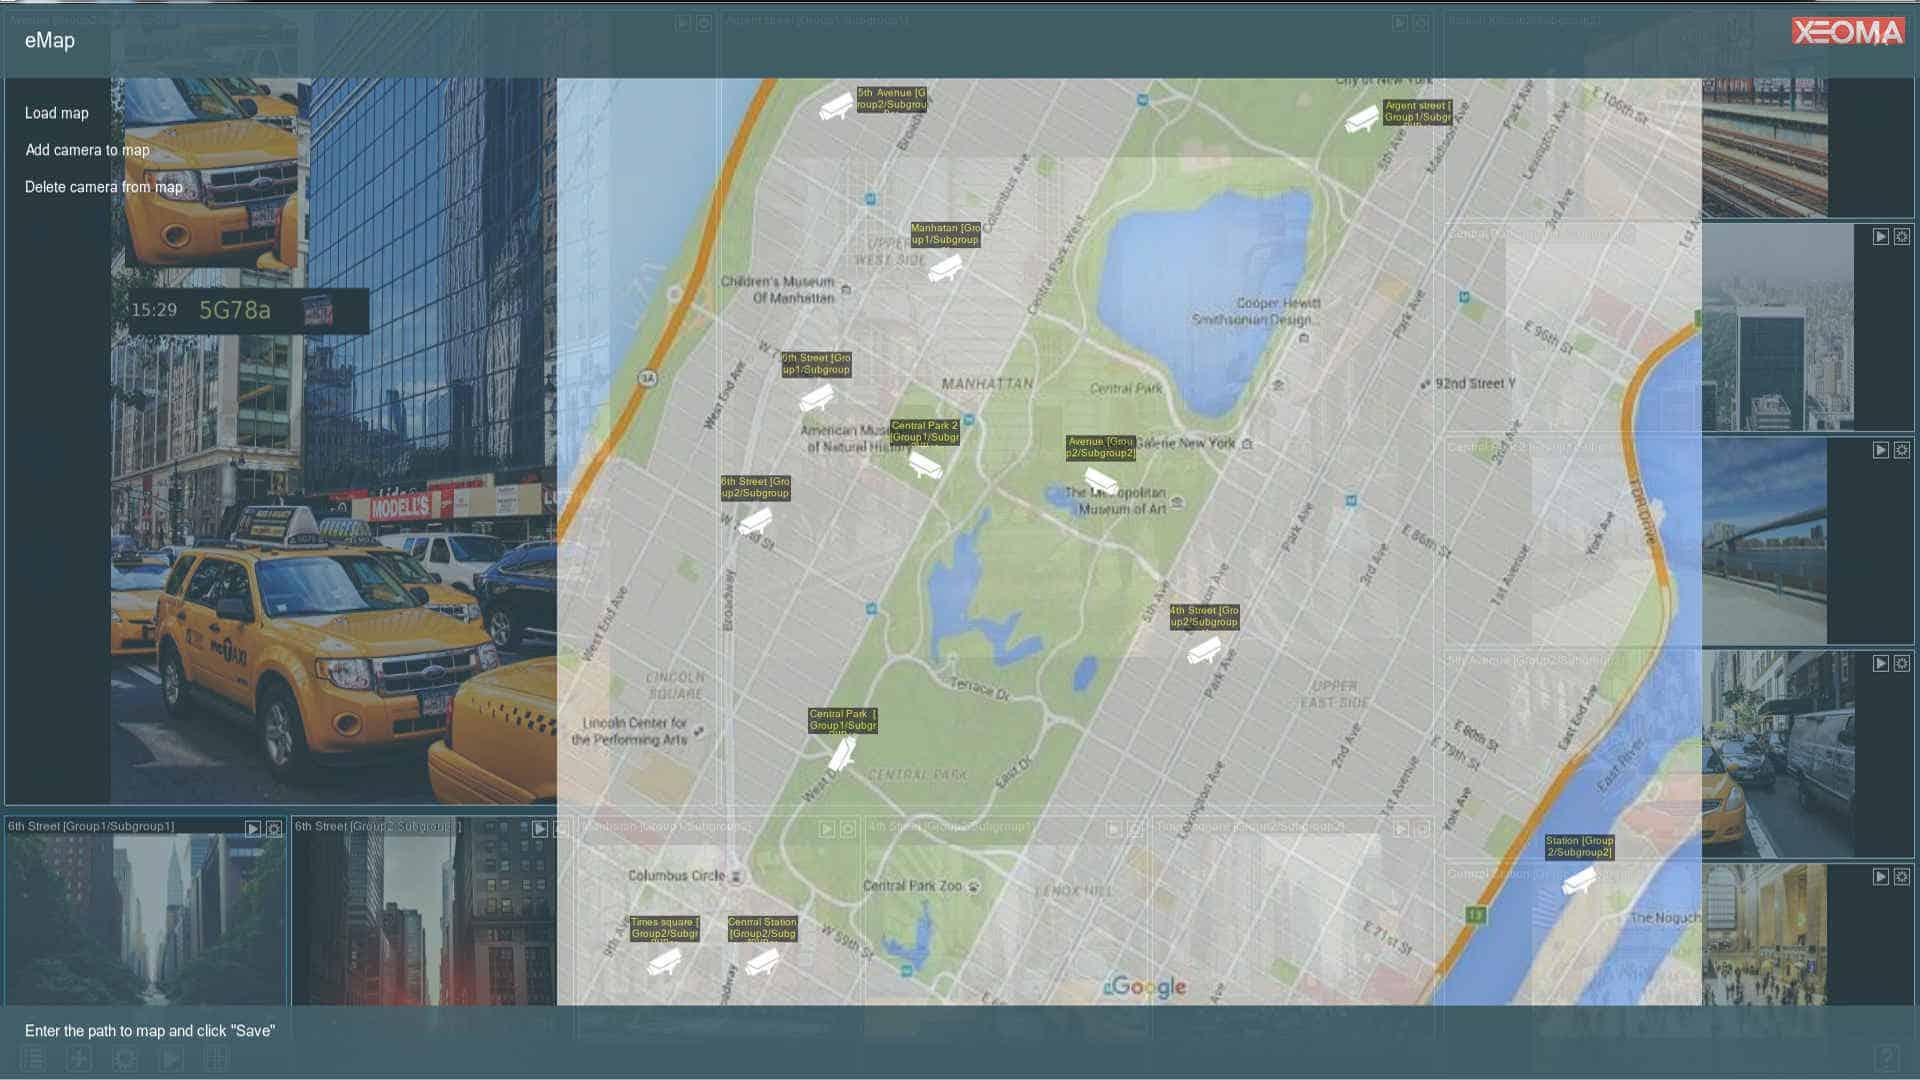 [Para proyectos a gran escala |] Mapa de ubicación de la cámara con iconos de activación y vista rápida de una cámara seleccionada